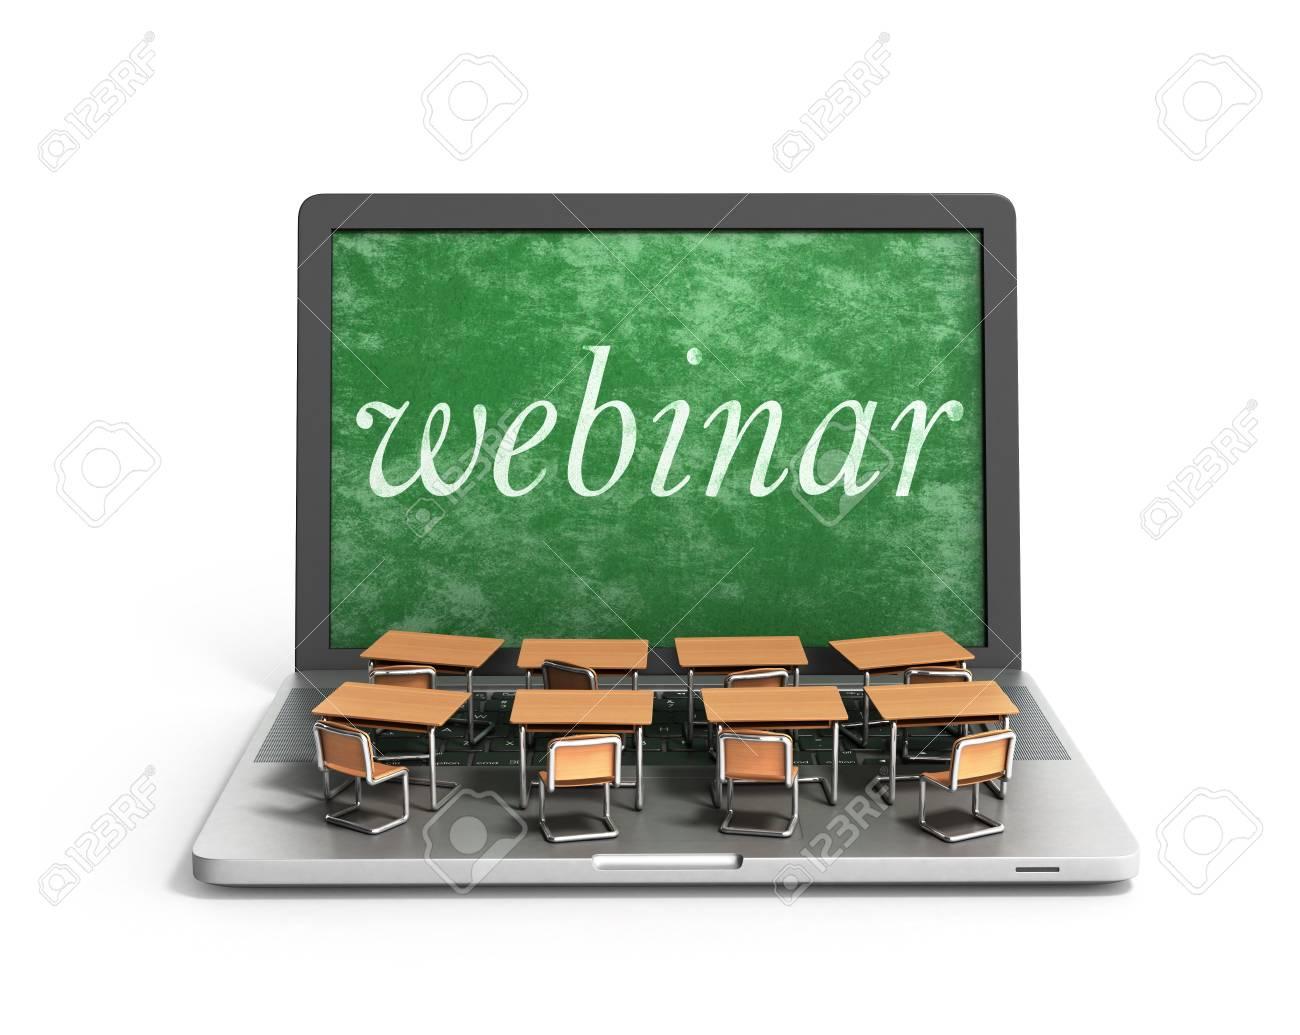 E Learning Online Education Concept School Desks On Laptop Keyboard